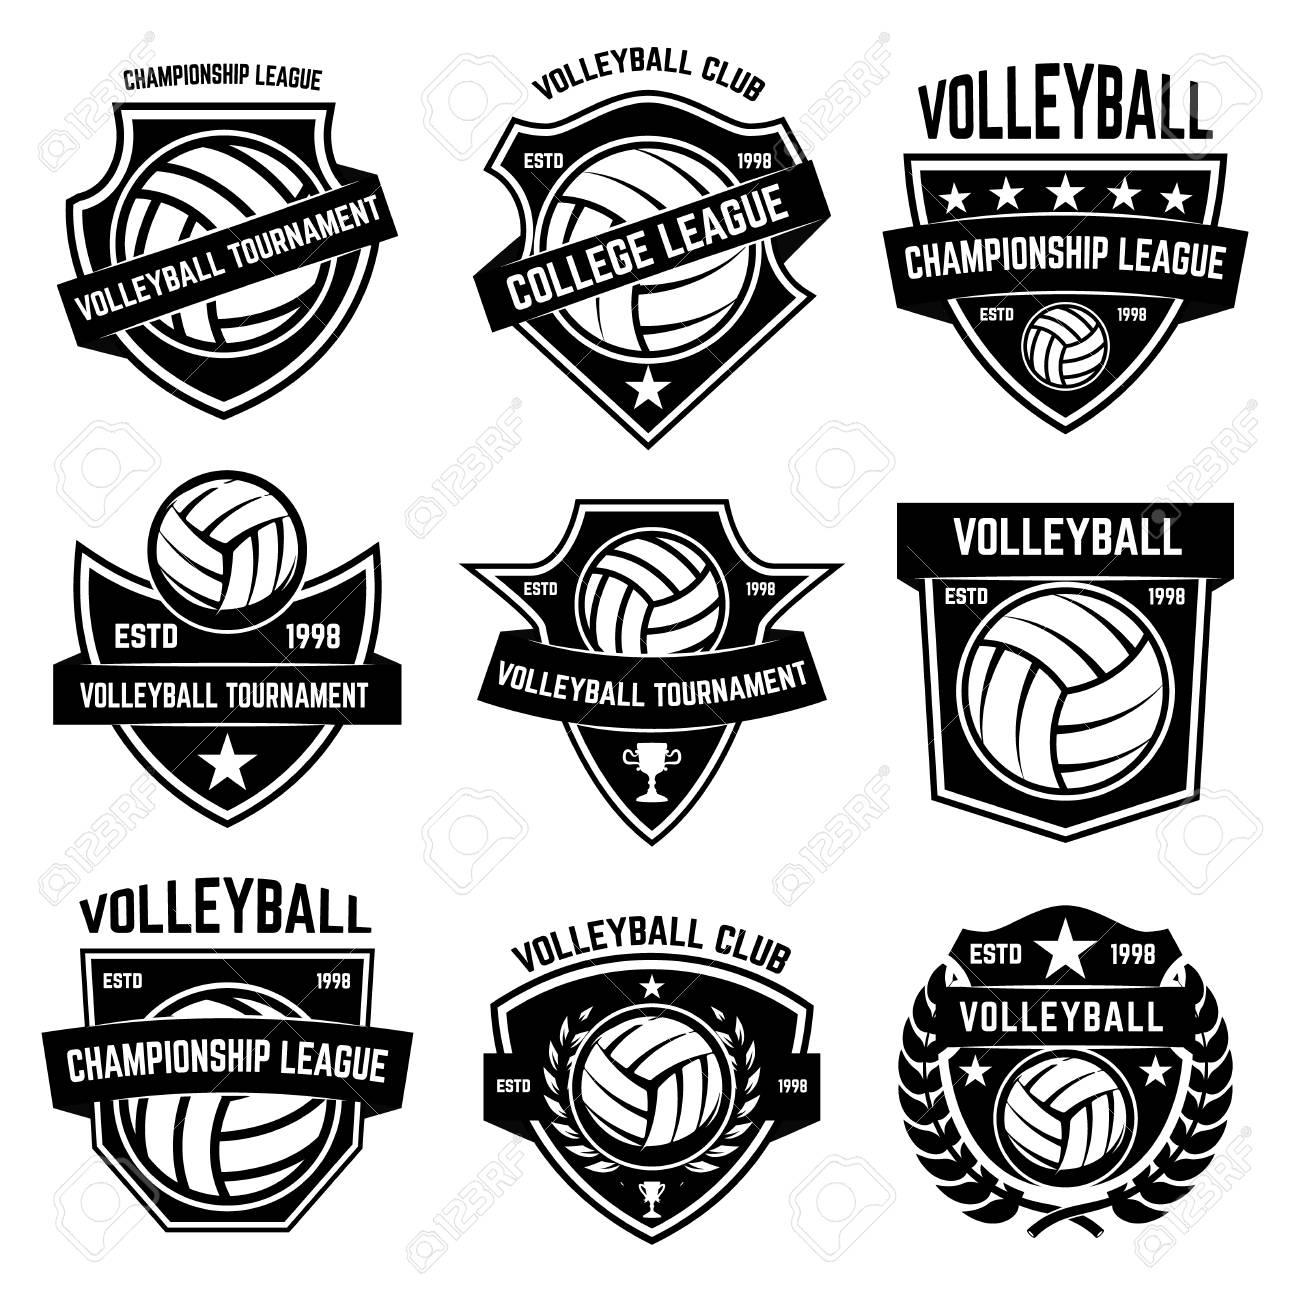 Volleyball emblems on white background. Design element for logo, label, emblem, sign, badge. Vector illustration - 94316679